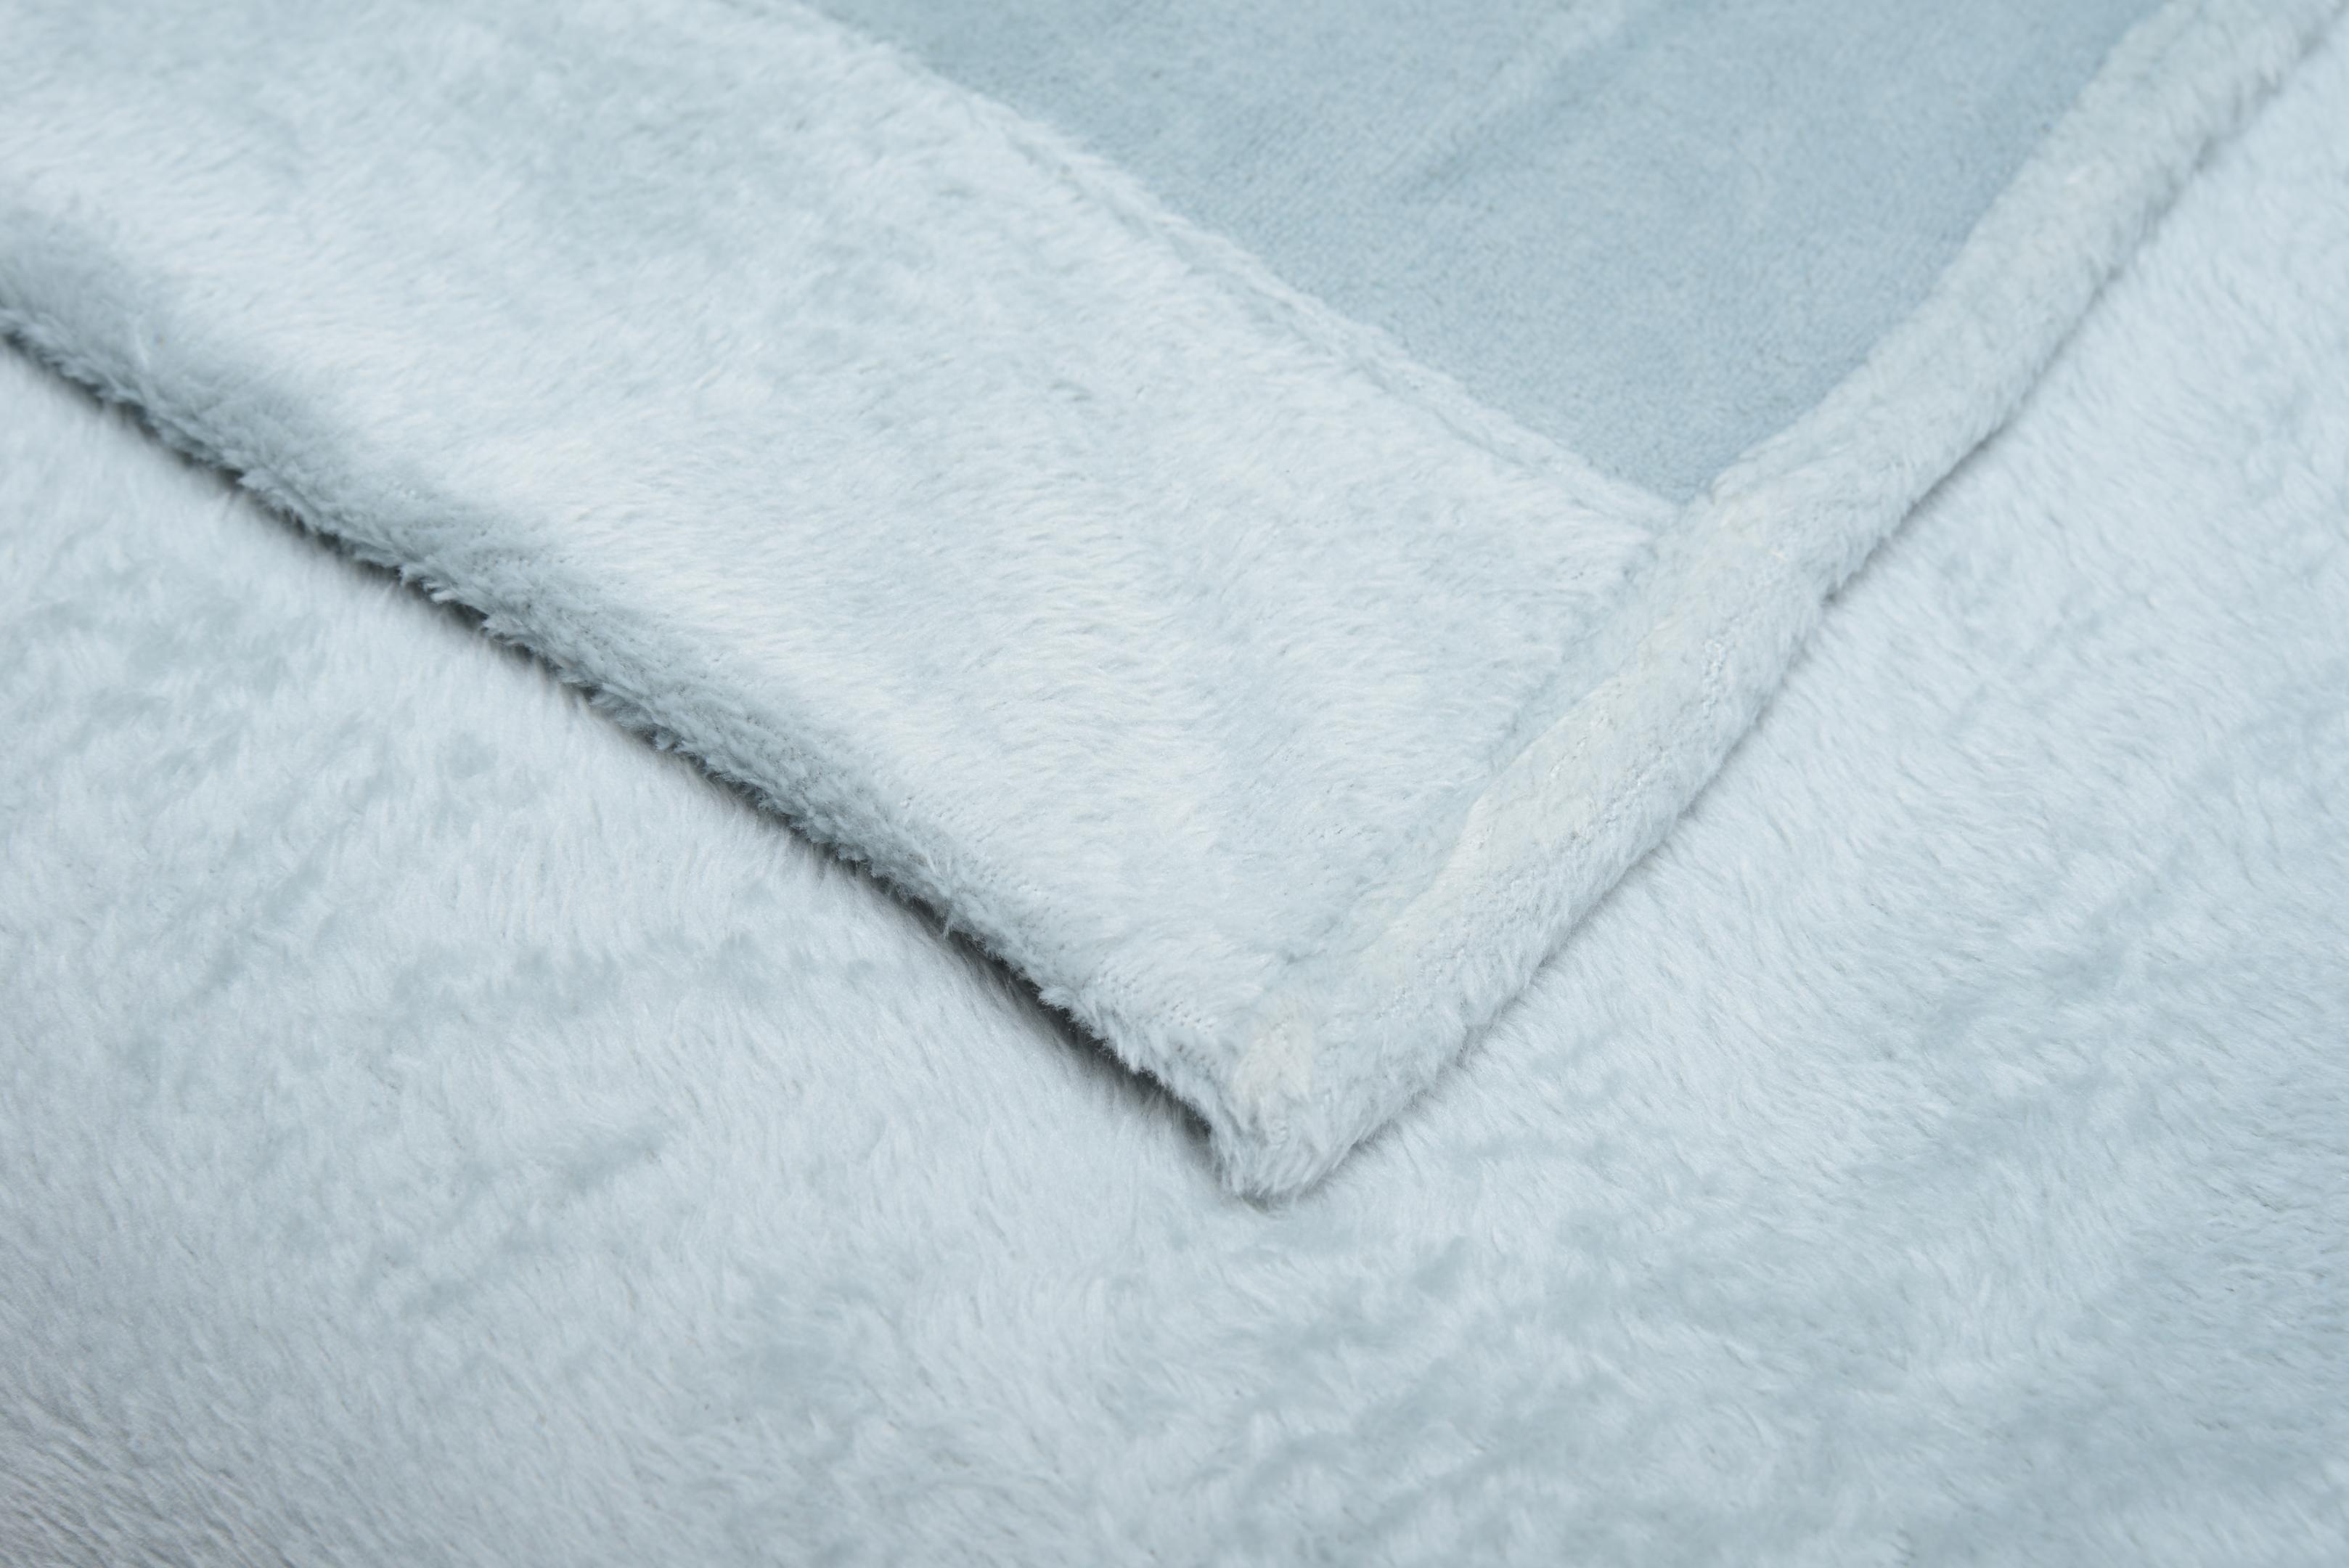 SPYDER Insulated Warm Fleece Flannel Plush Sheet Set Pillow Case Flat /& Fitted